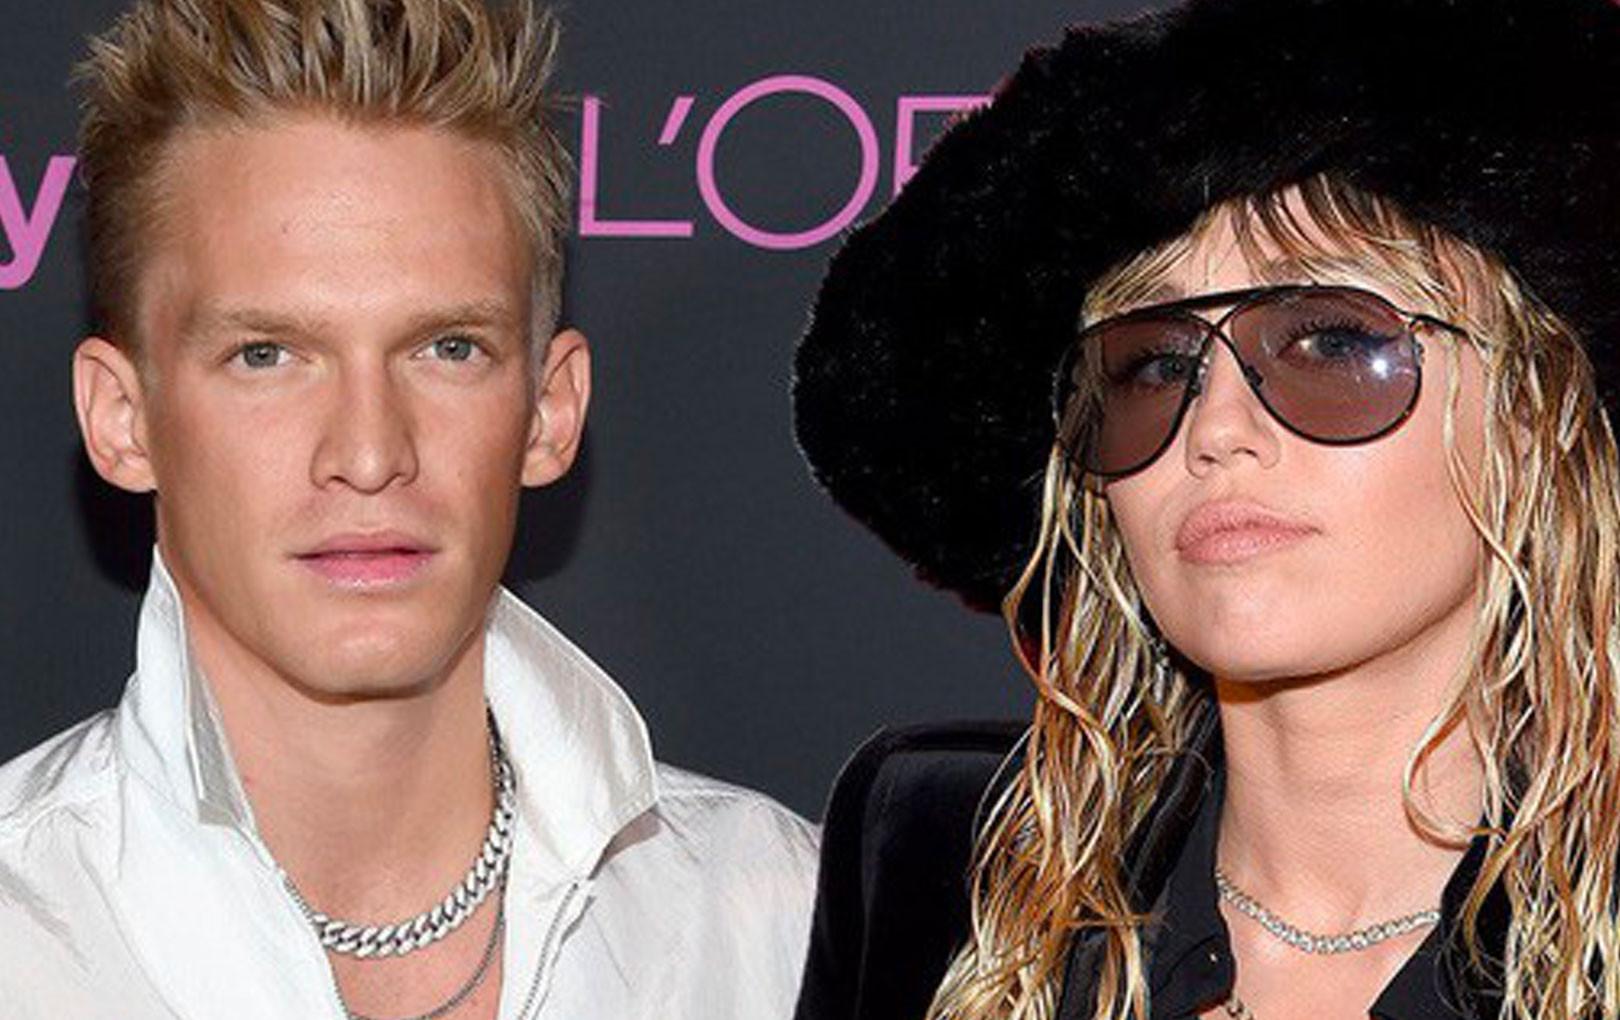 Cuối cùng Cody Simpson thừa nhận đang say đắm yêu Miley Cyrus sau khoảng thời gian dài úp mở